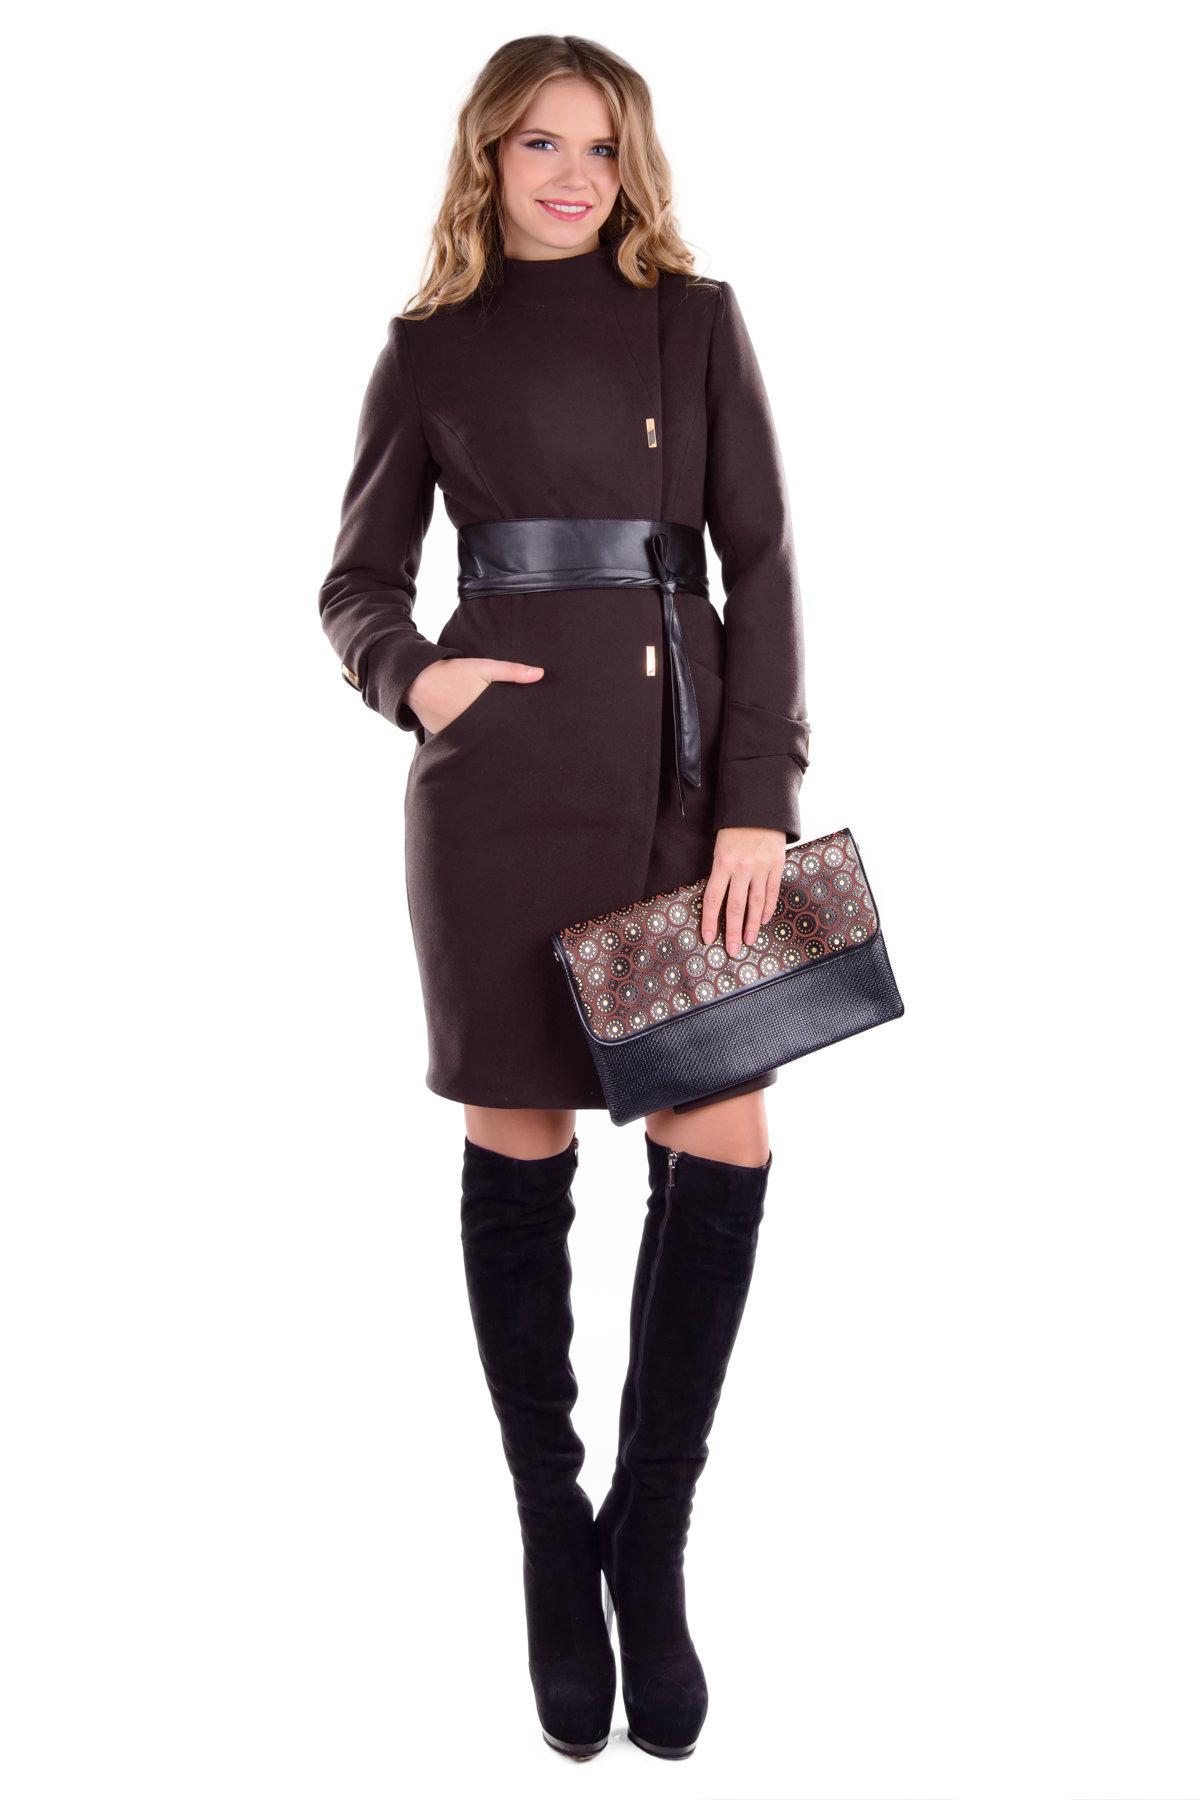 Пальто оптом от производителя Modus Пальто Римини зима турция элит хомут